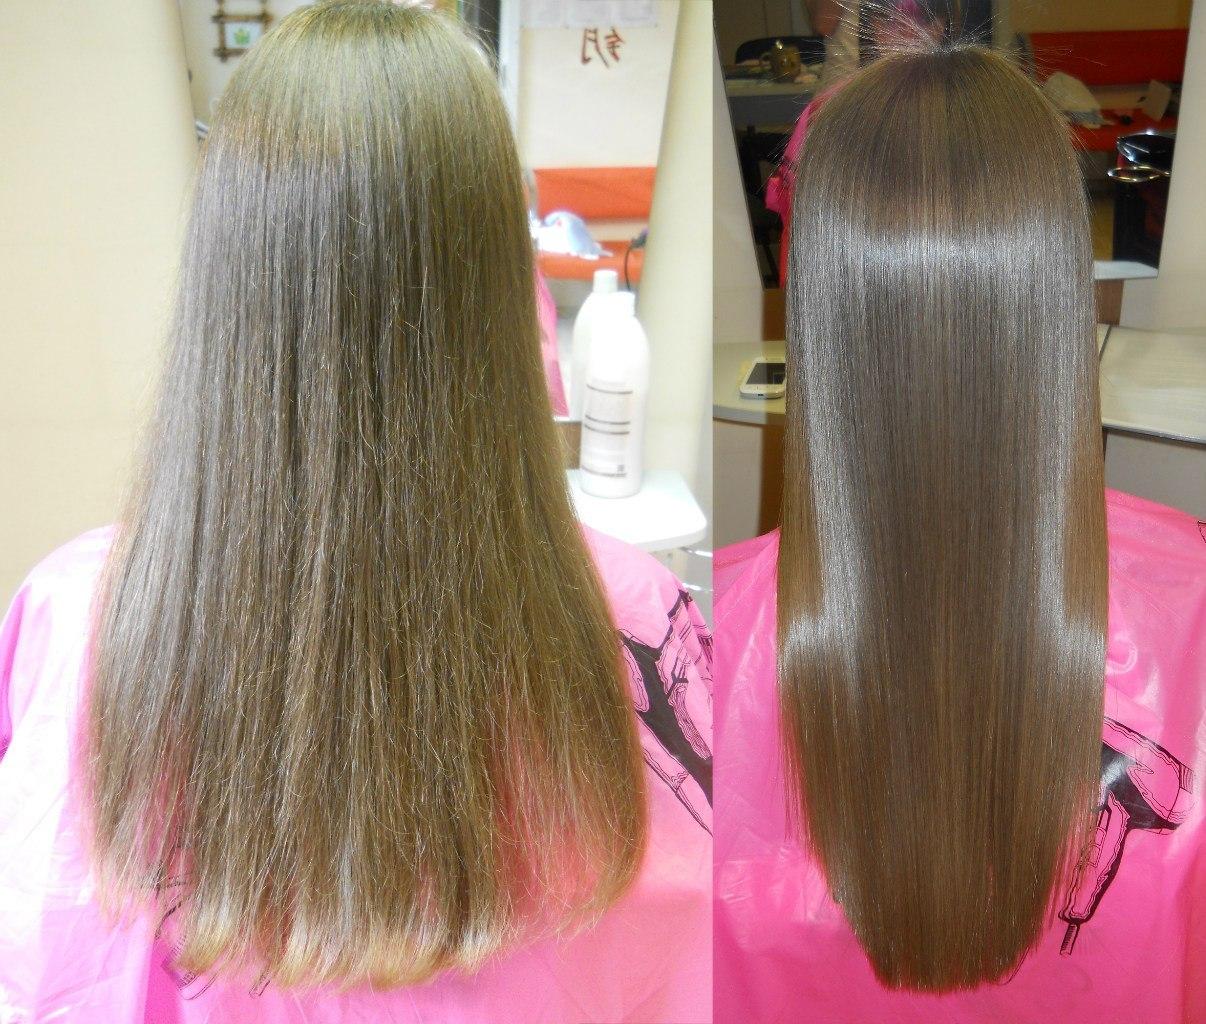 Бразильское кератиновое выпрямление волос фото: http://yasnodar.ru/brazilskoe-keratinovoe-vyipryamlenie-volos-foto.html